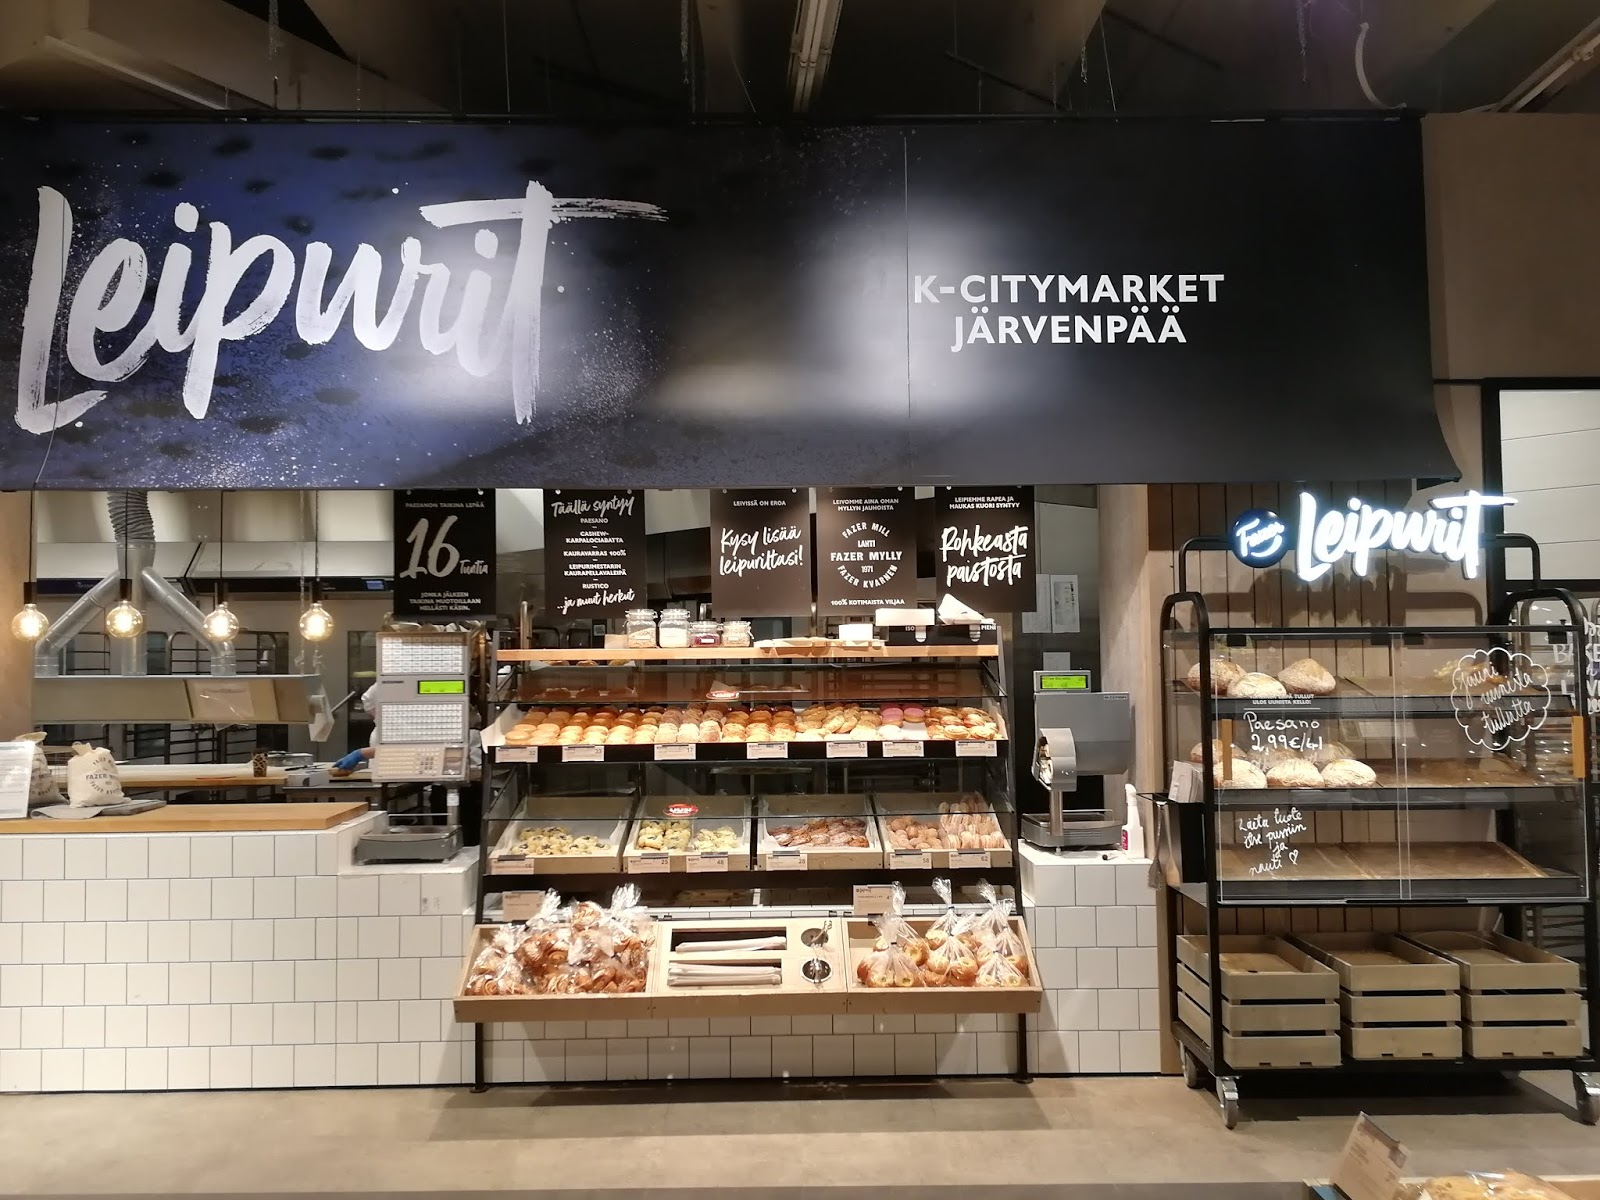 leipurit k-citymarket järvenpää